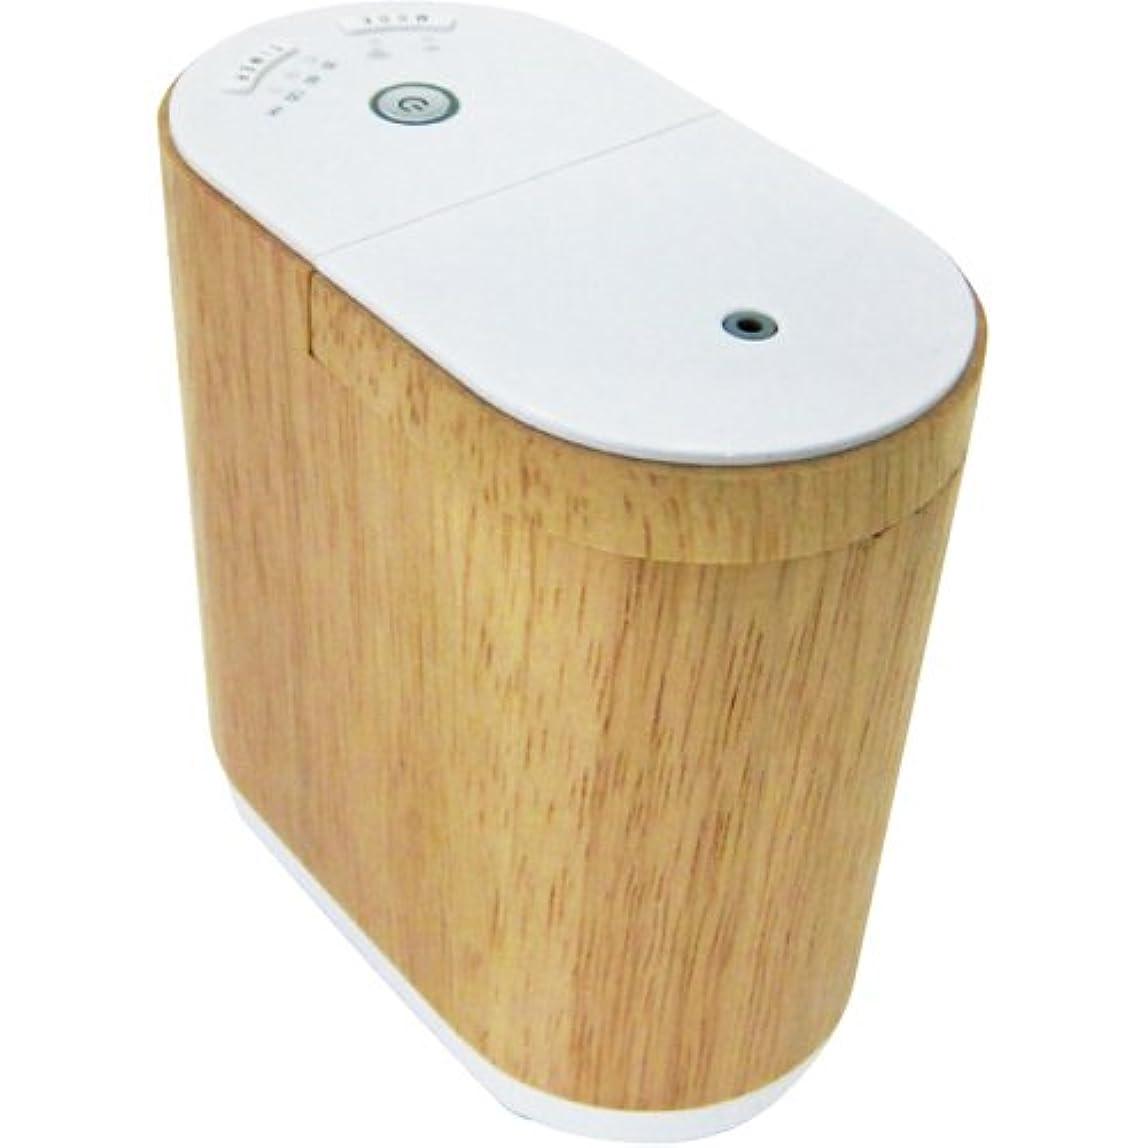 ミキサーボンド登録生活の木 アロマディフューザー(ウッド)エッセンシャルオイルディフューザー aromore(アロモア) 08-801-6010